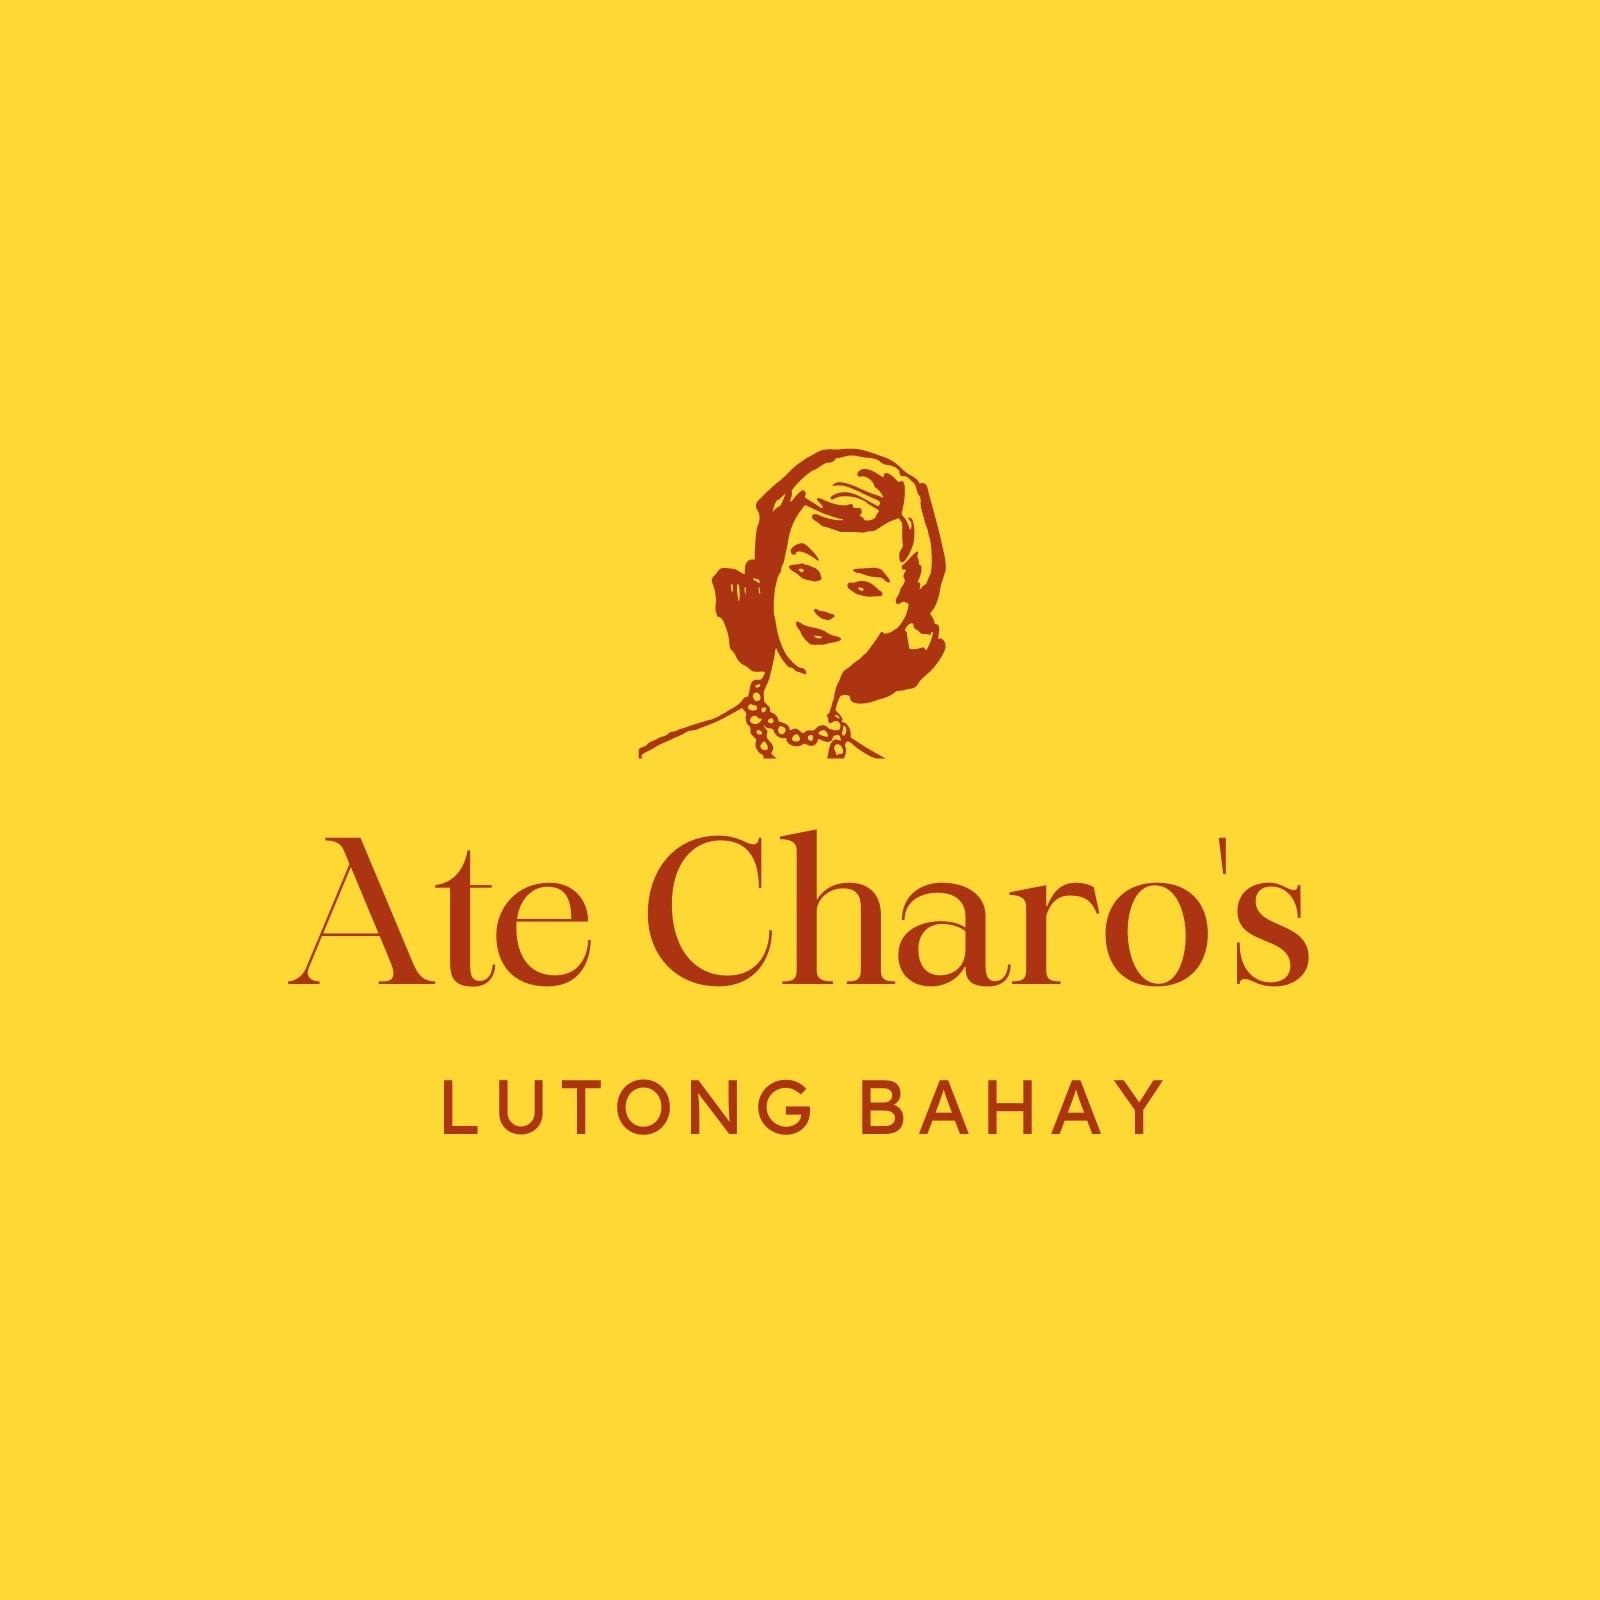 Yellow and Maroon Lutong Bahay Logo